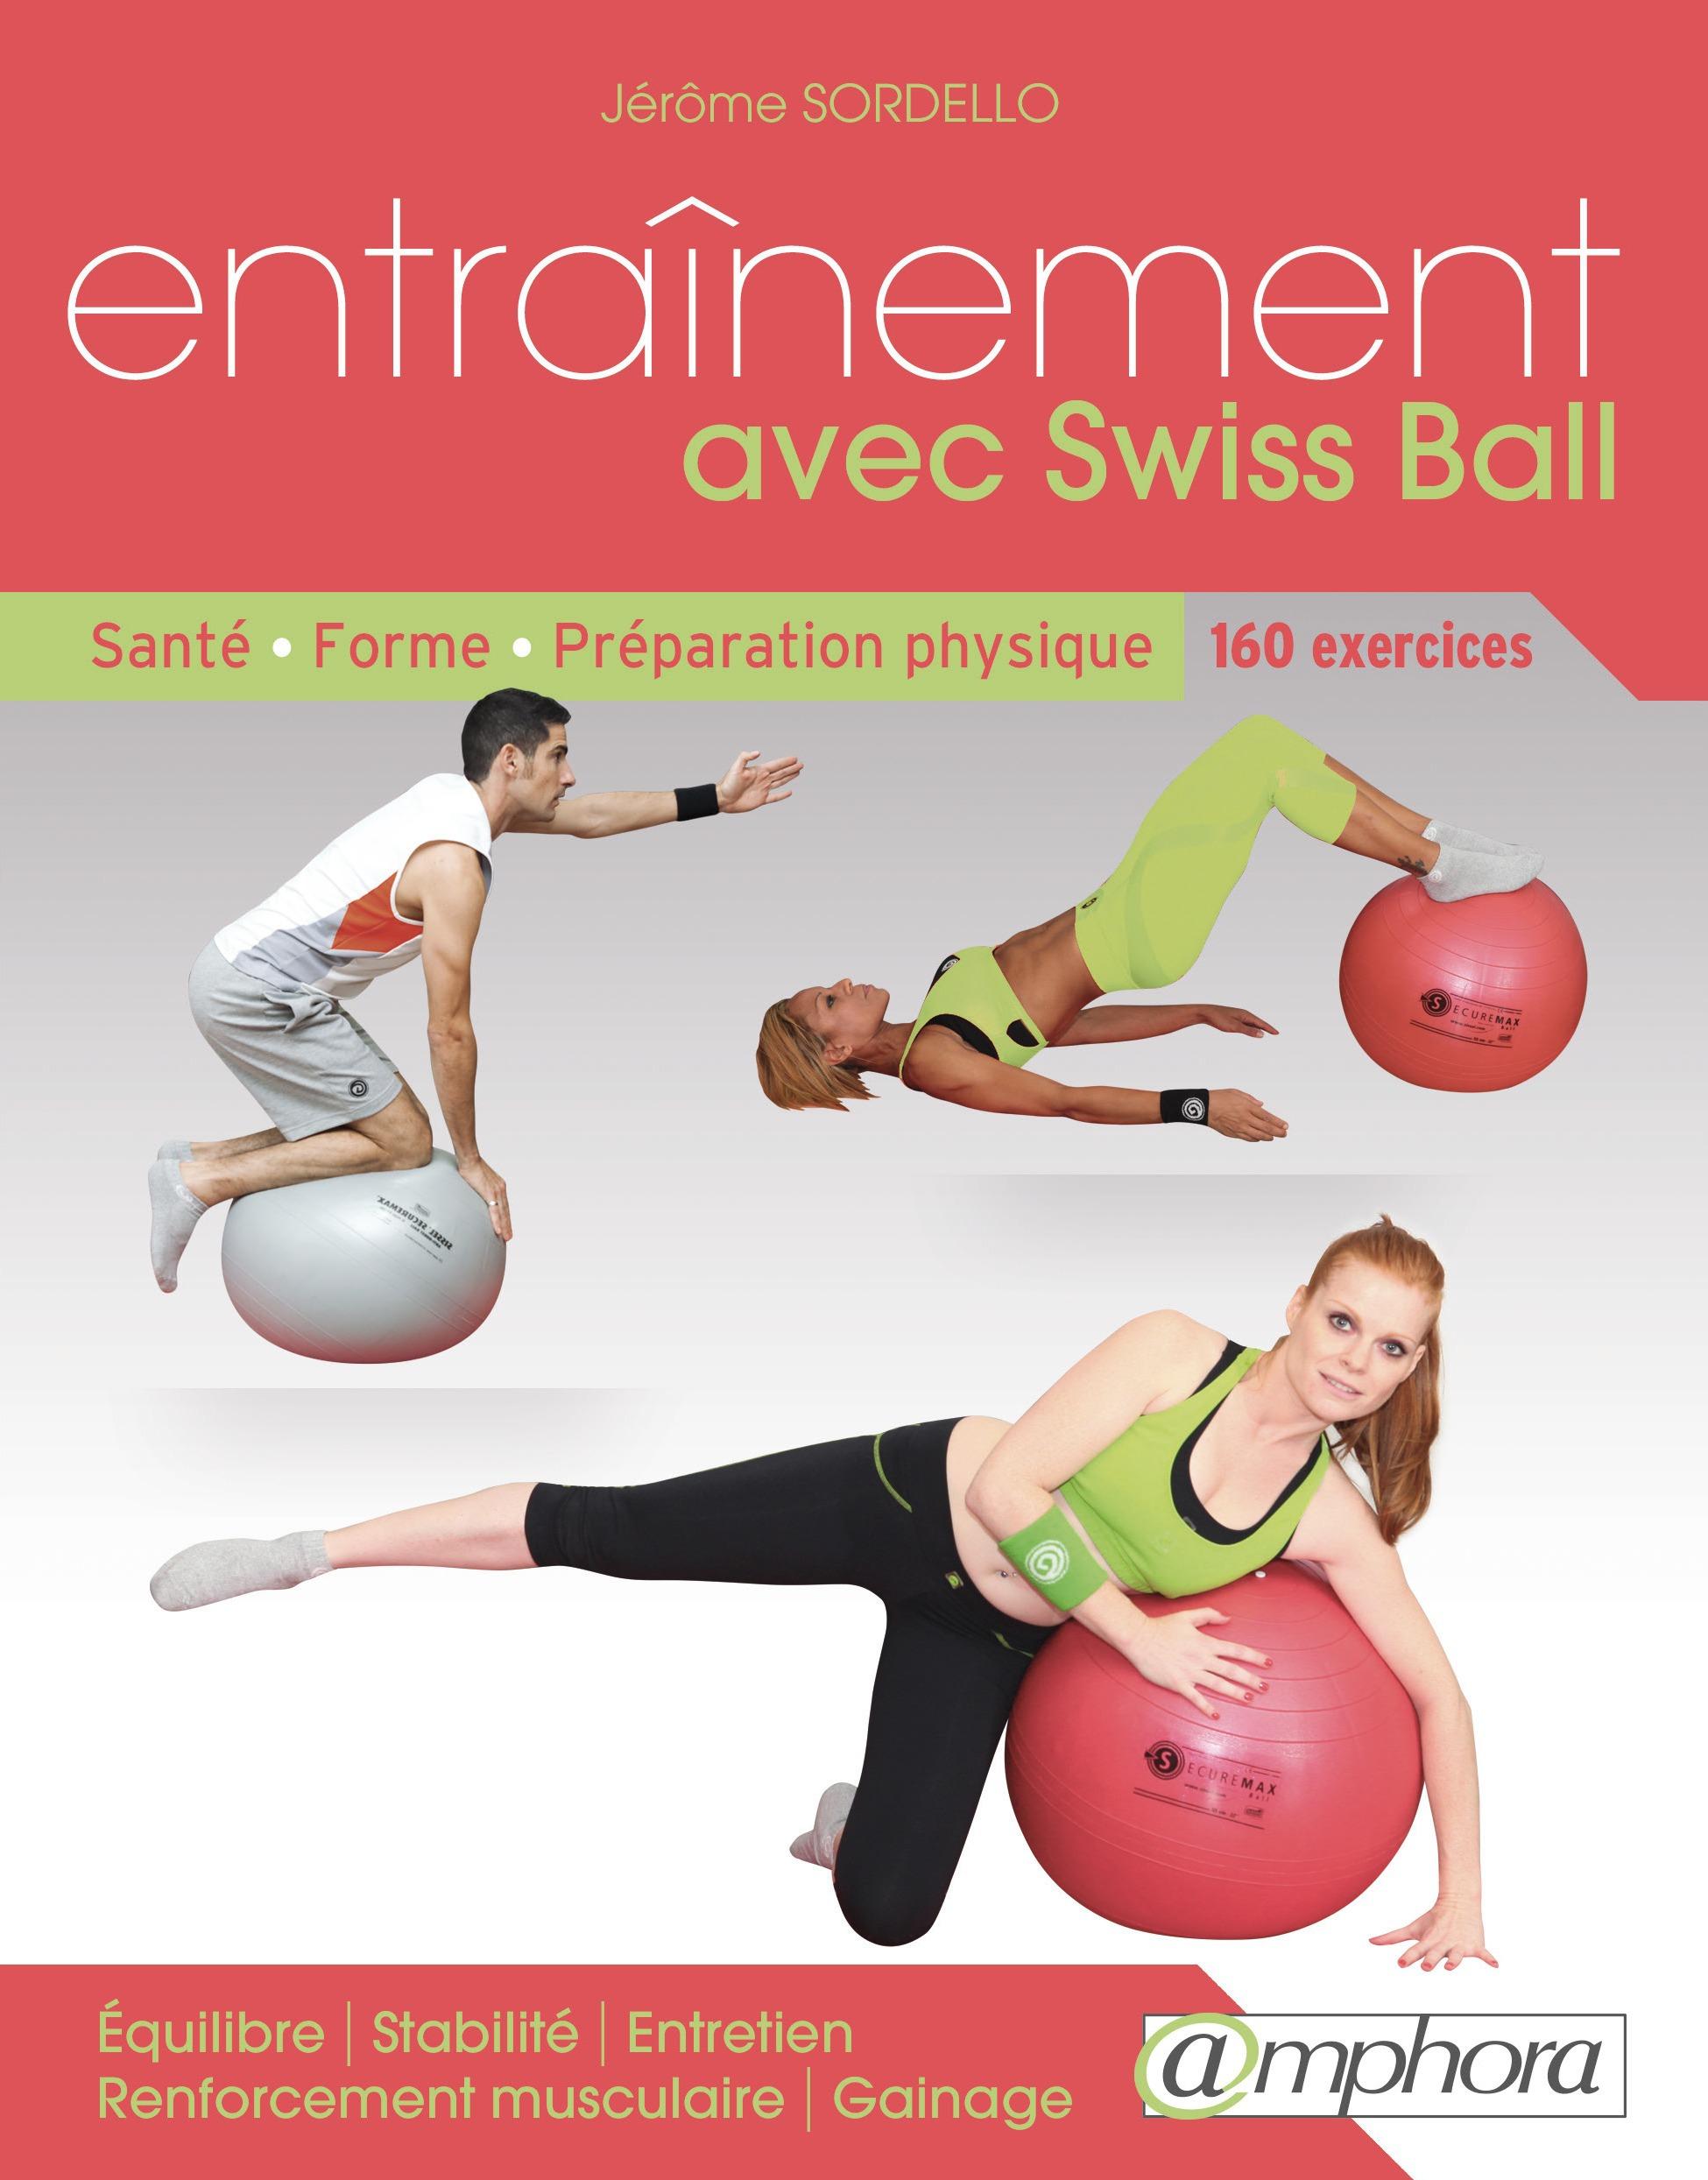 Entraînement avec swiss ball ; santé, forme, préparation physique 160 exercices